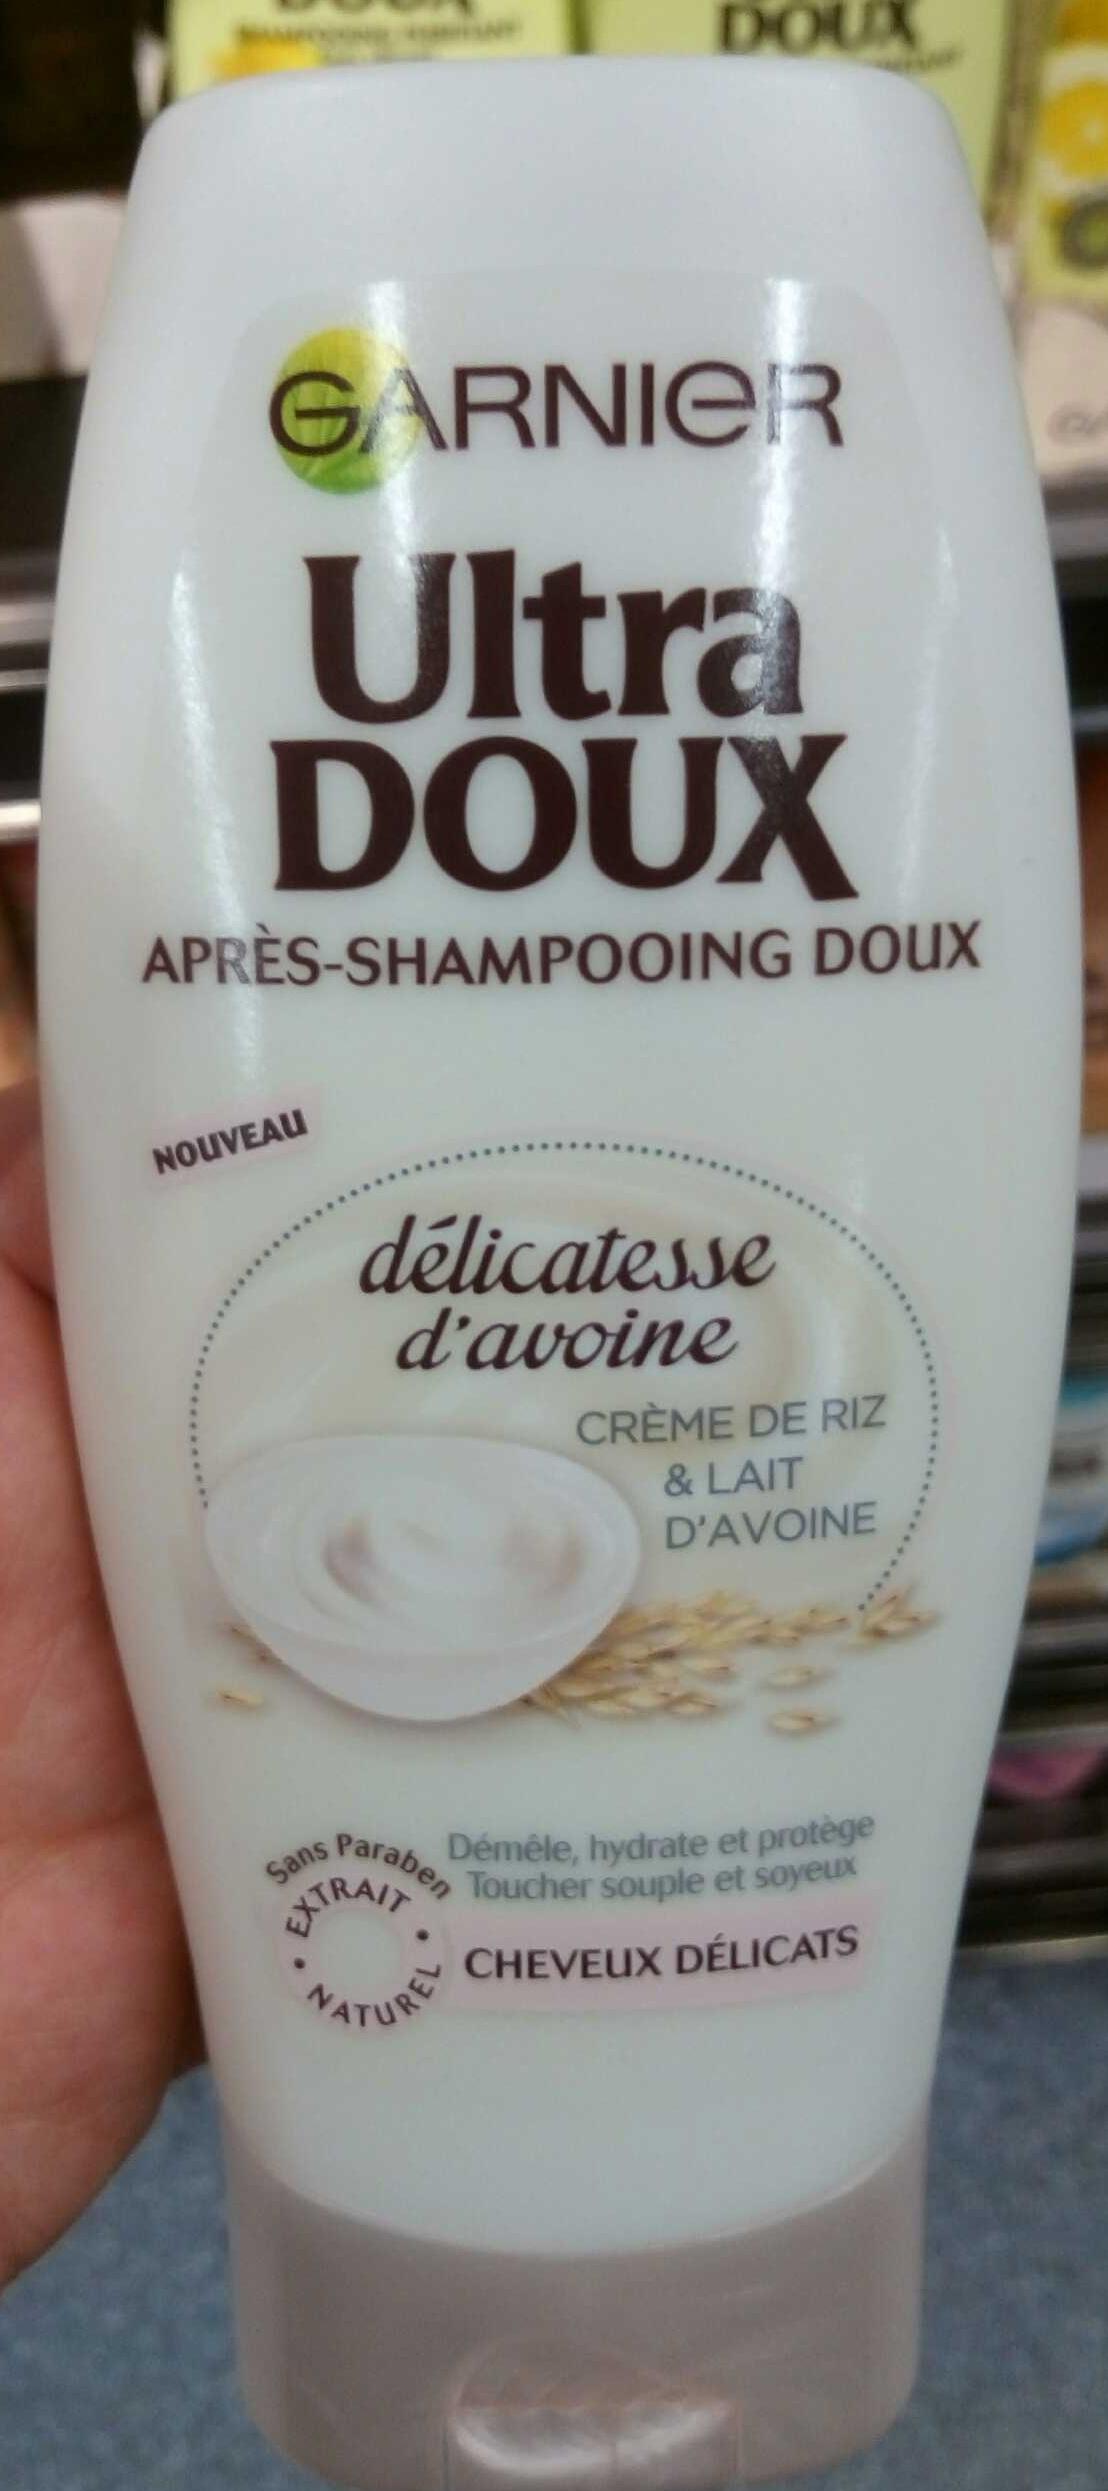 Ultra Doux Après-shampooing doux délicatesse d'avoine - Produit